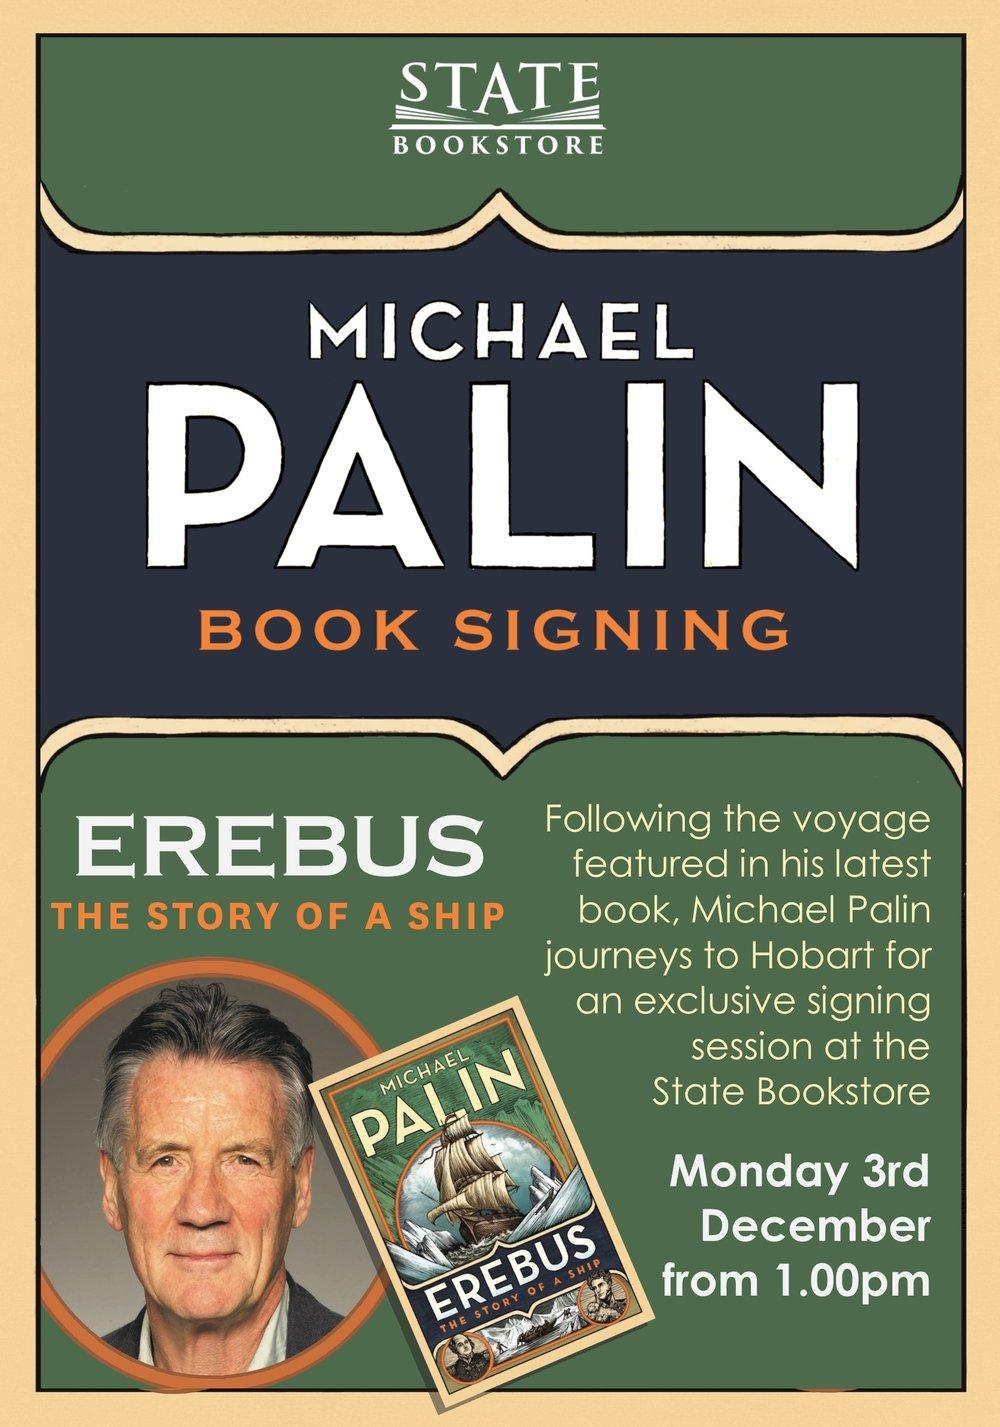 Michael Palin - Design - Poster A3 JPG.jpg